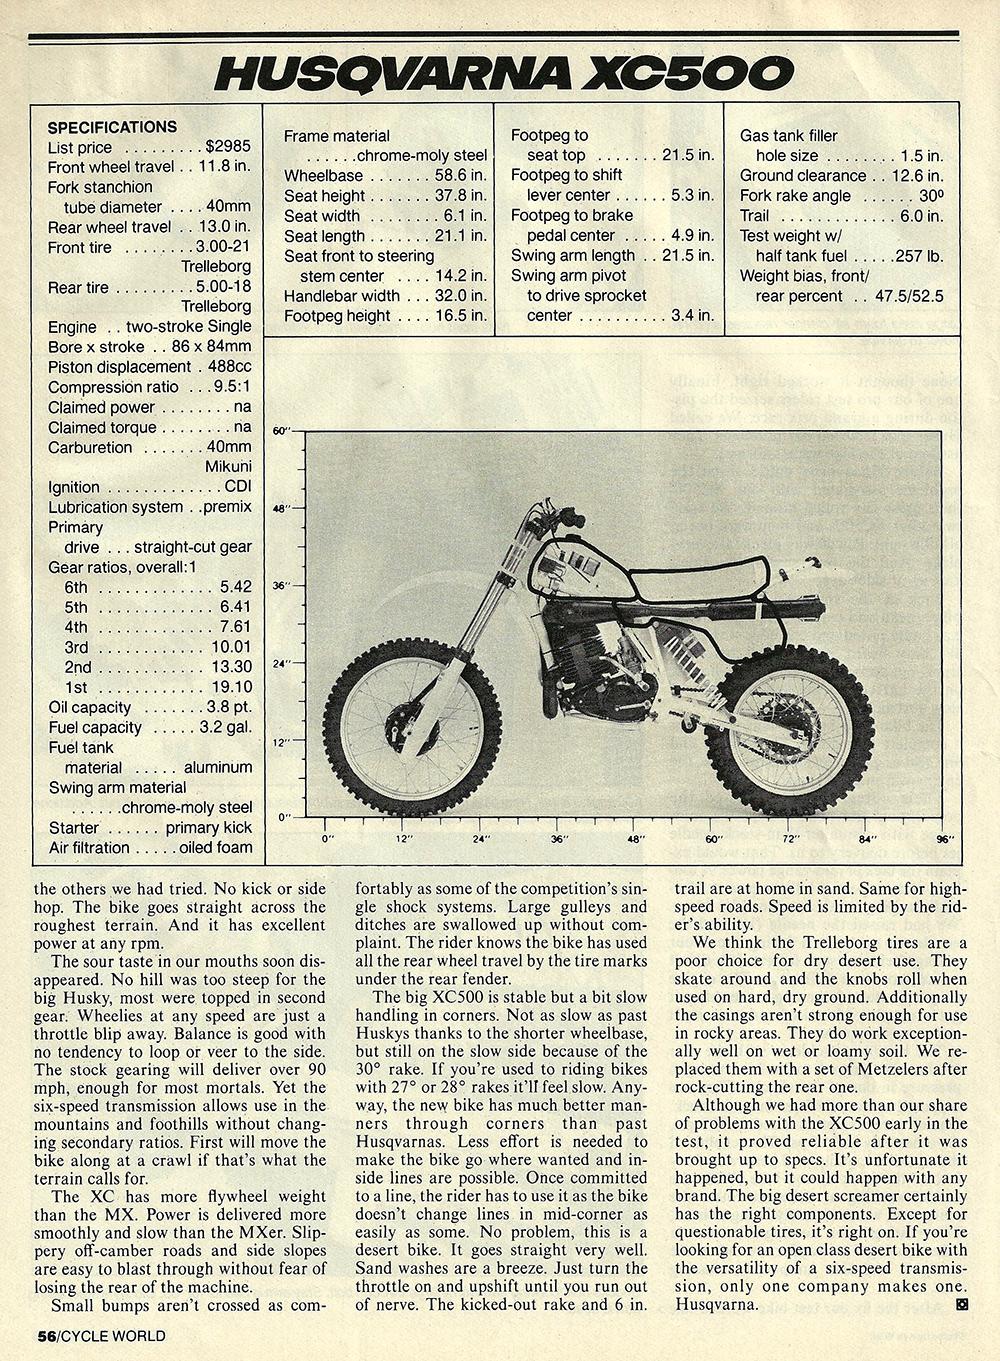 1983 Husqvarna XC500 road test 05.jpg